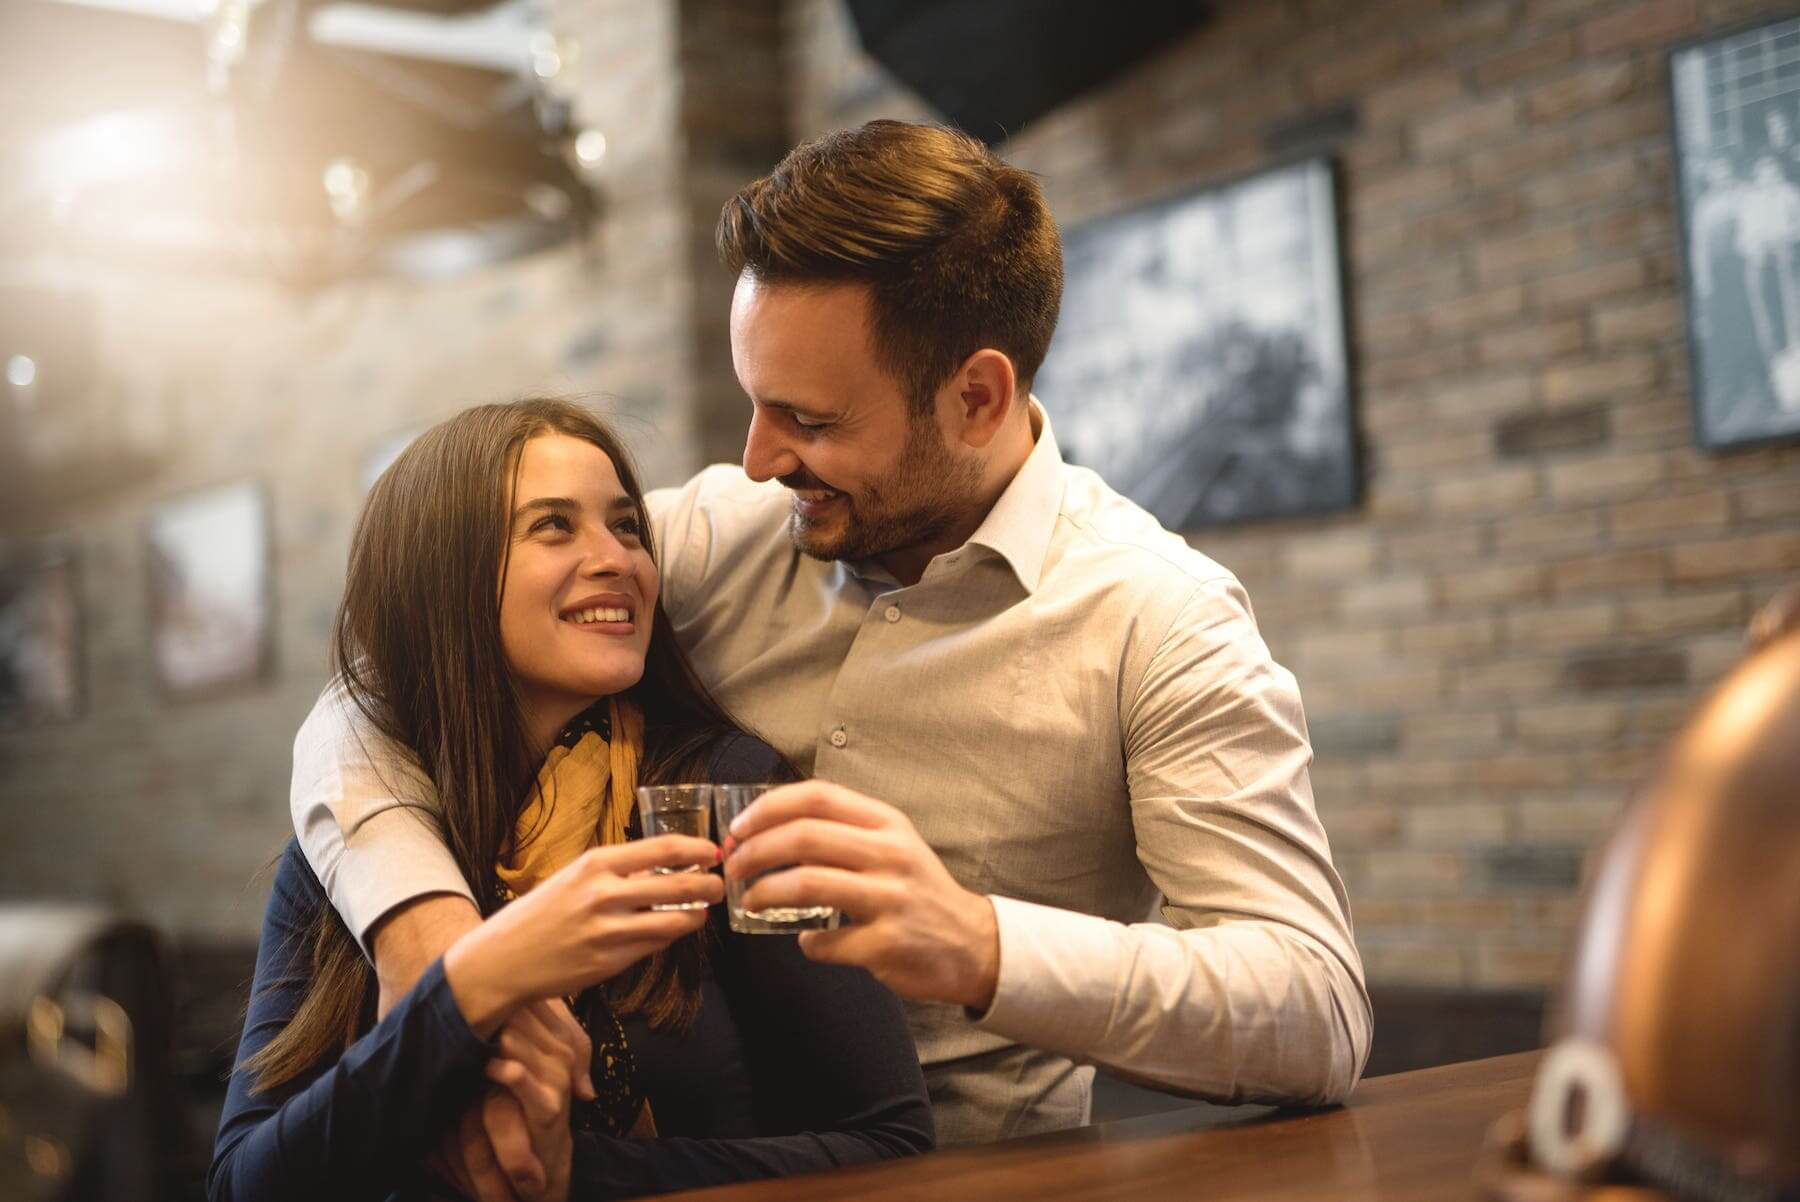 Fotos von der Hot-Dating-Seite